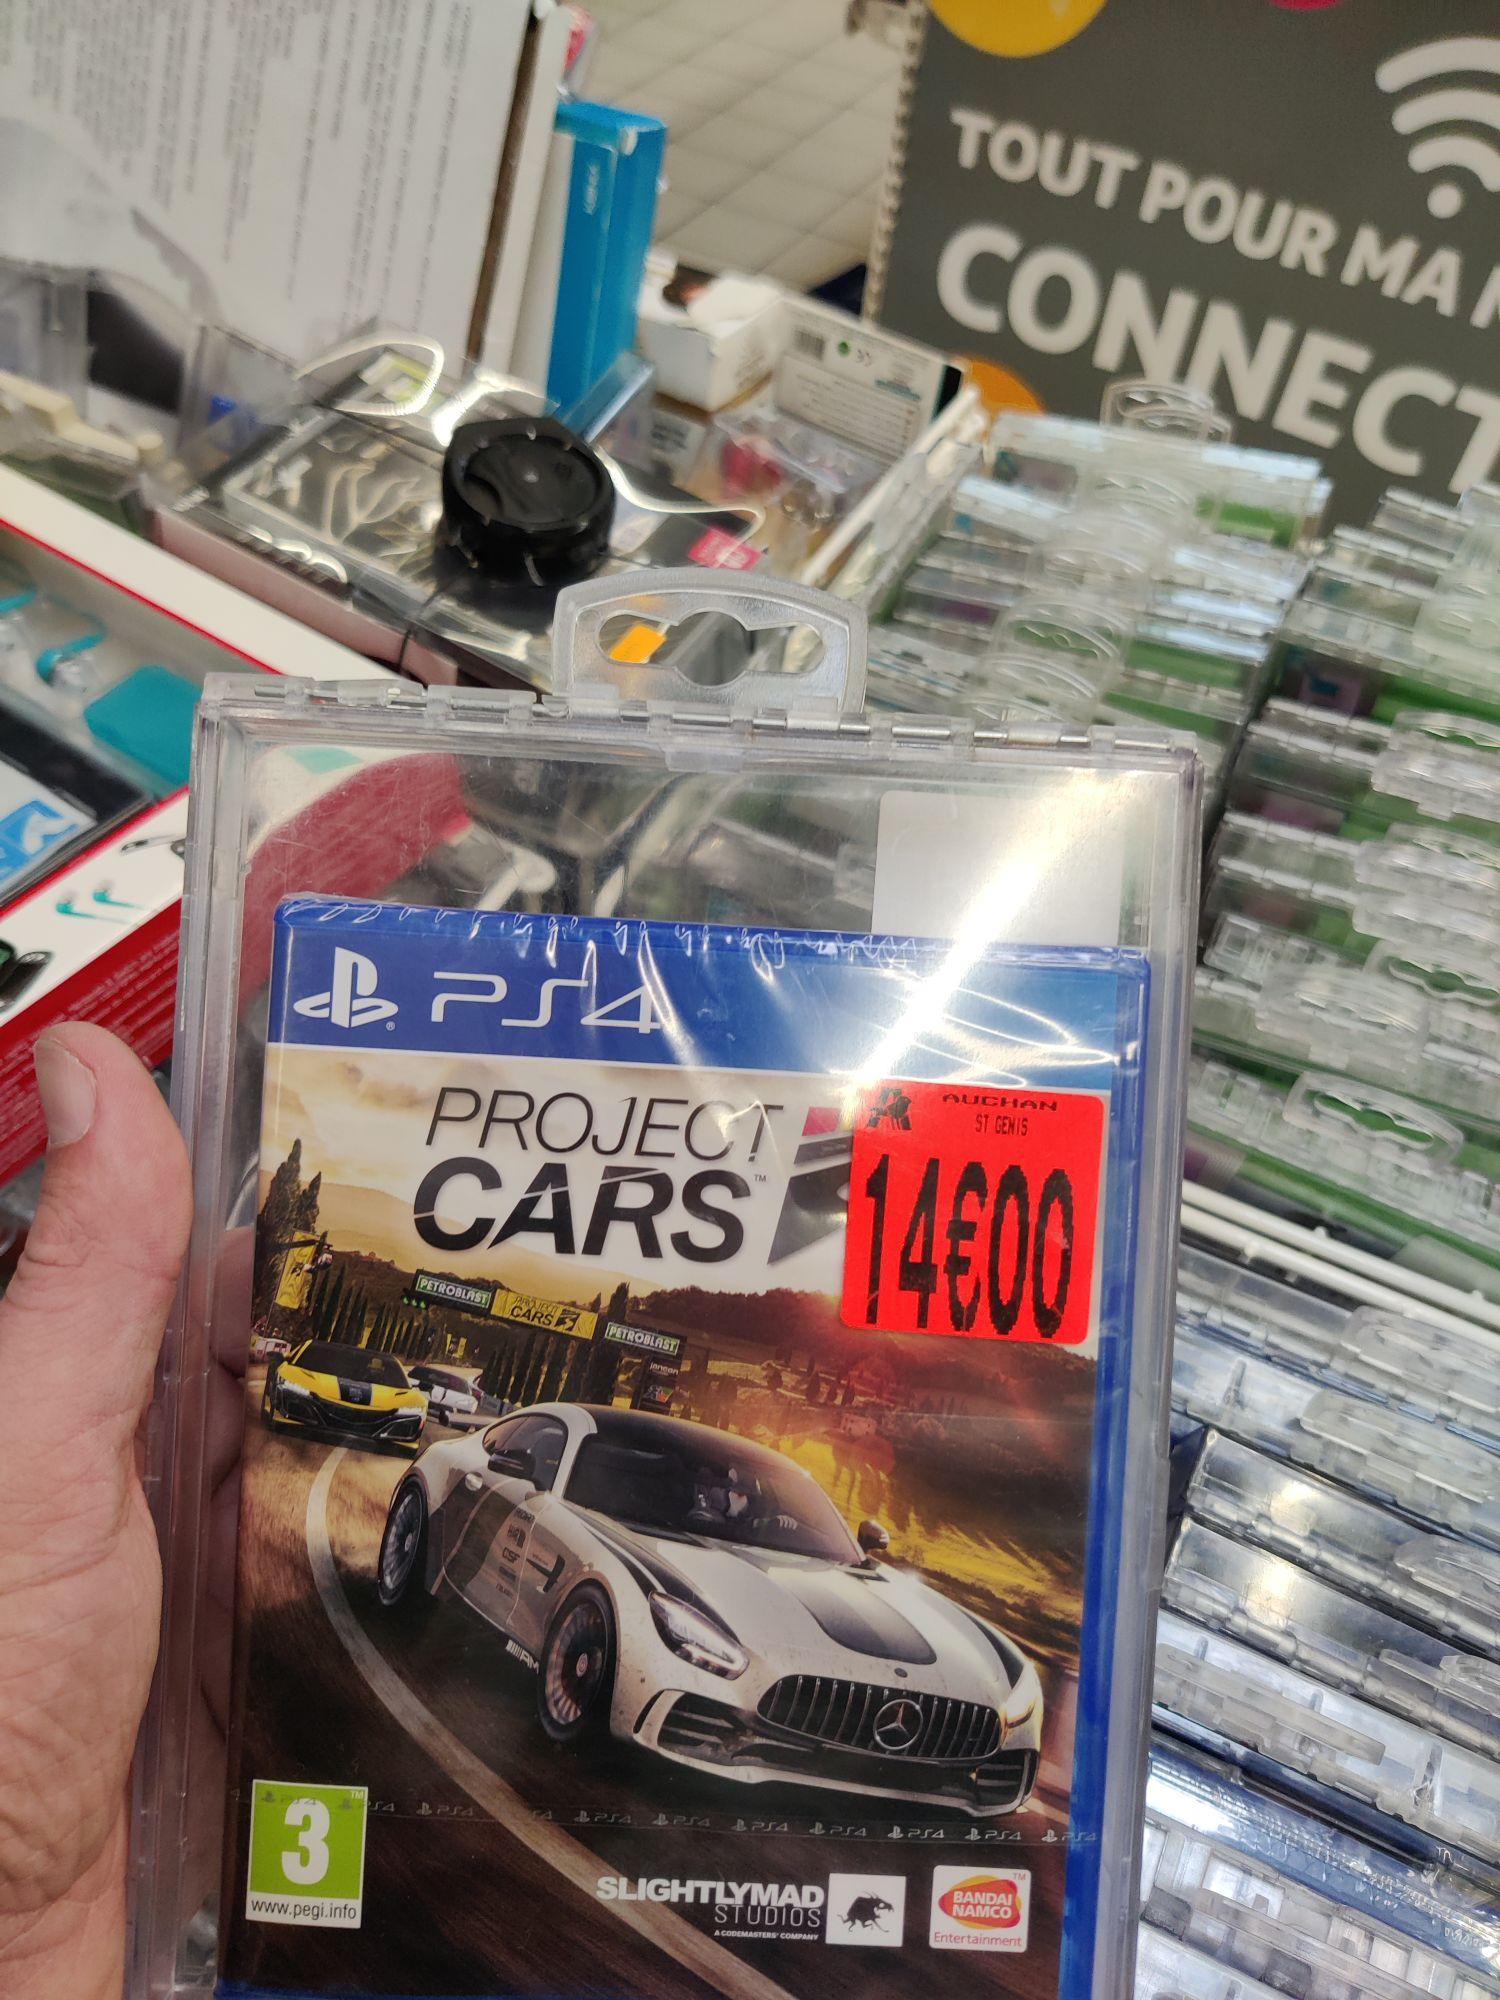 Jeu Project Cars 3 sur PS4 - Saint Genis Laval (69)